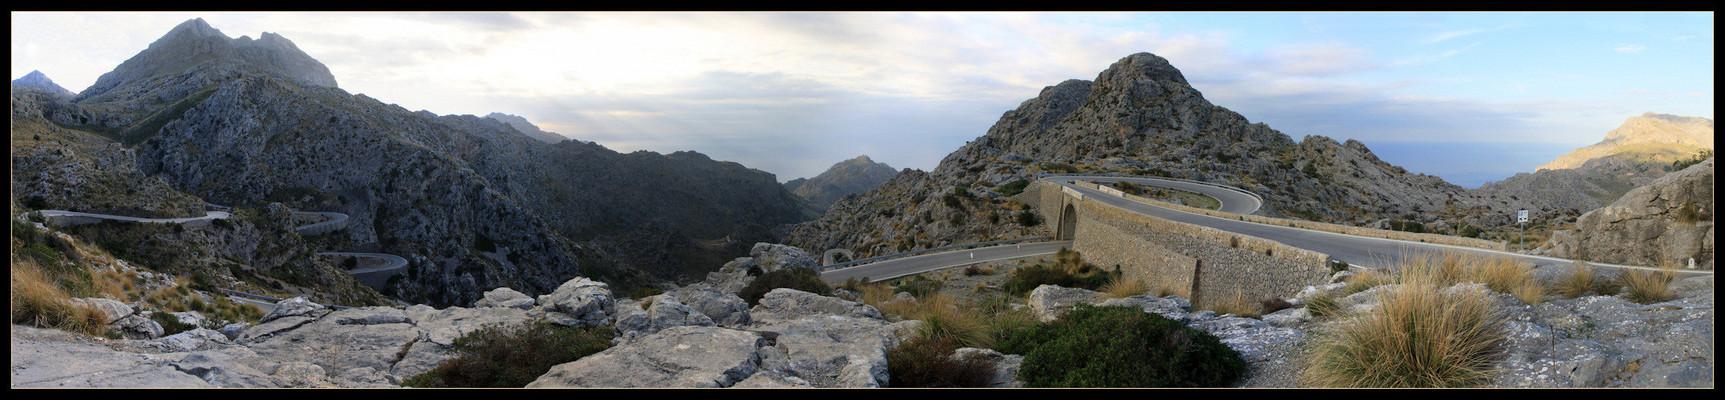 Mallorca - Der 'Krawattenknoten' mit Abfahrt nach 'Sa Calobra'